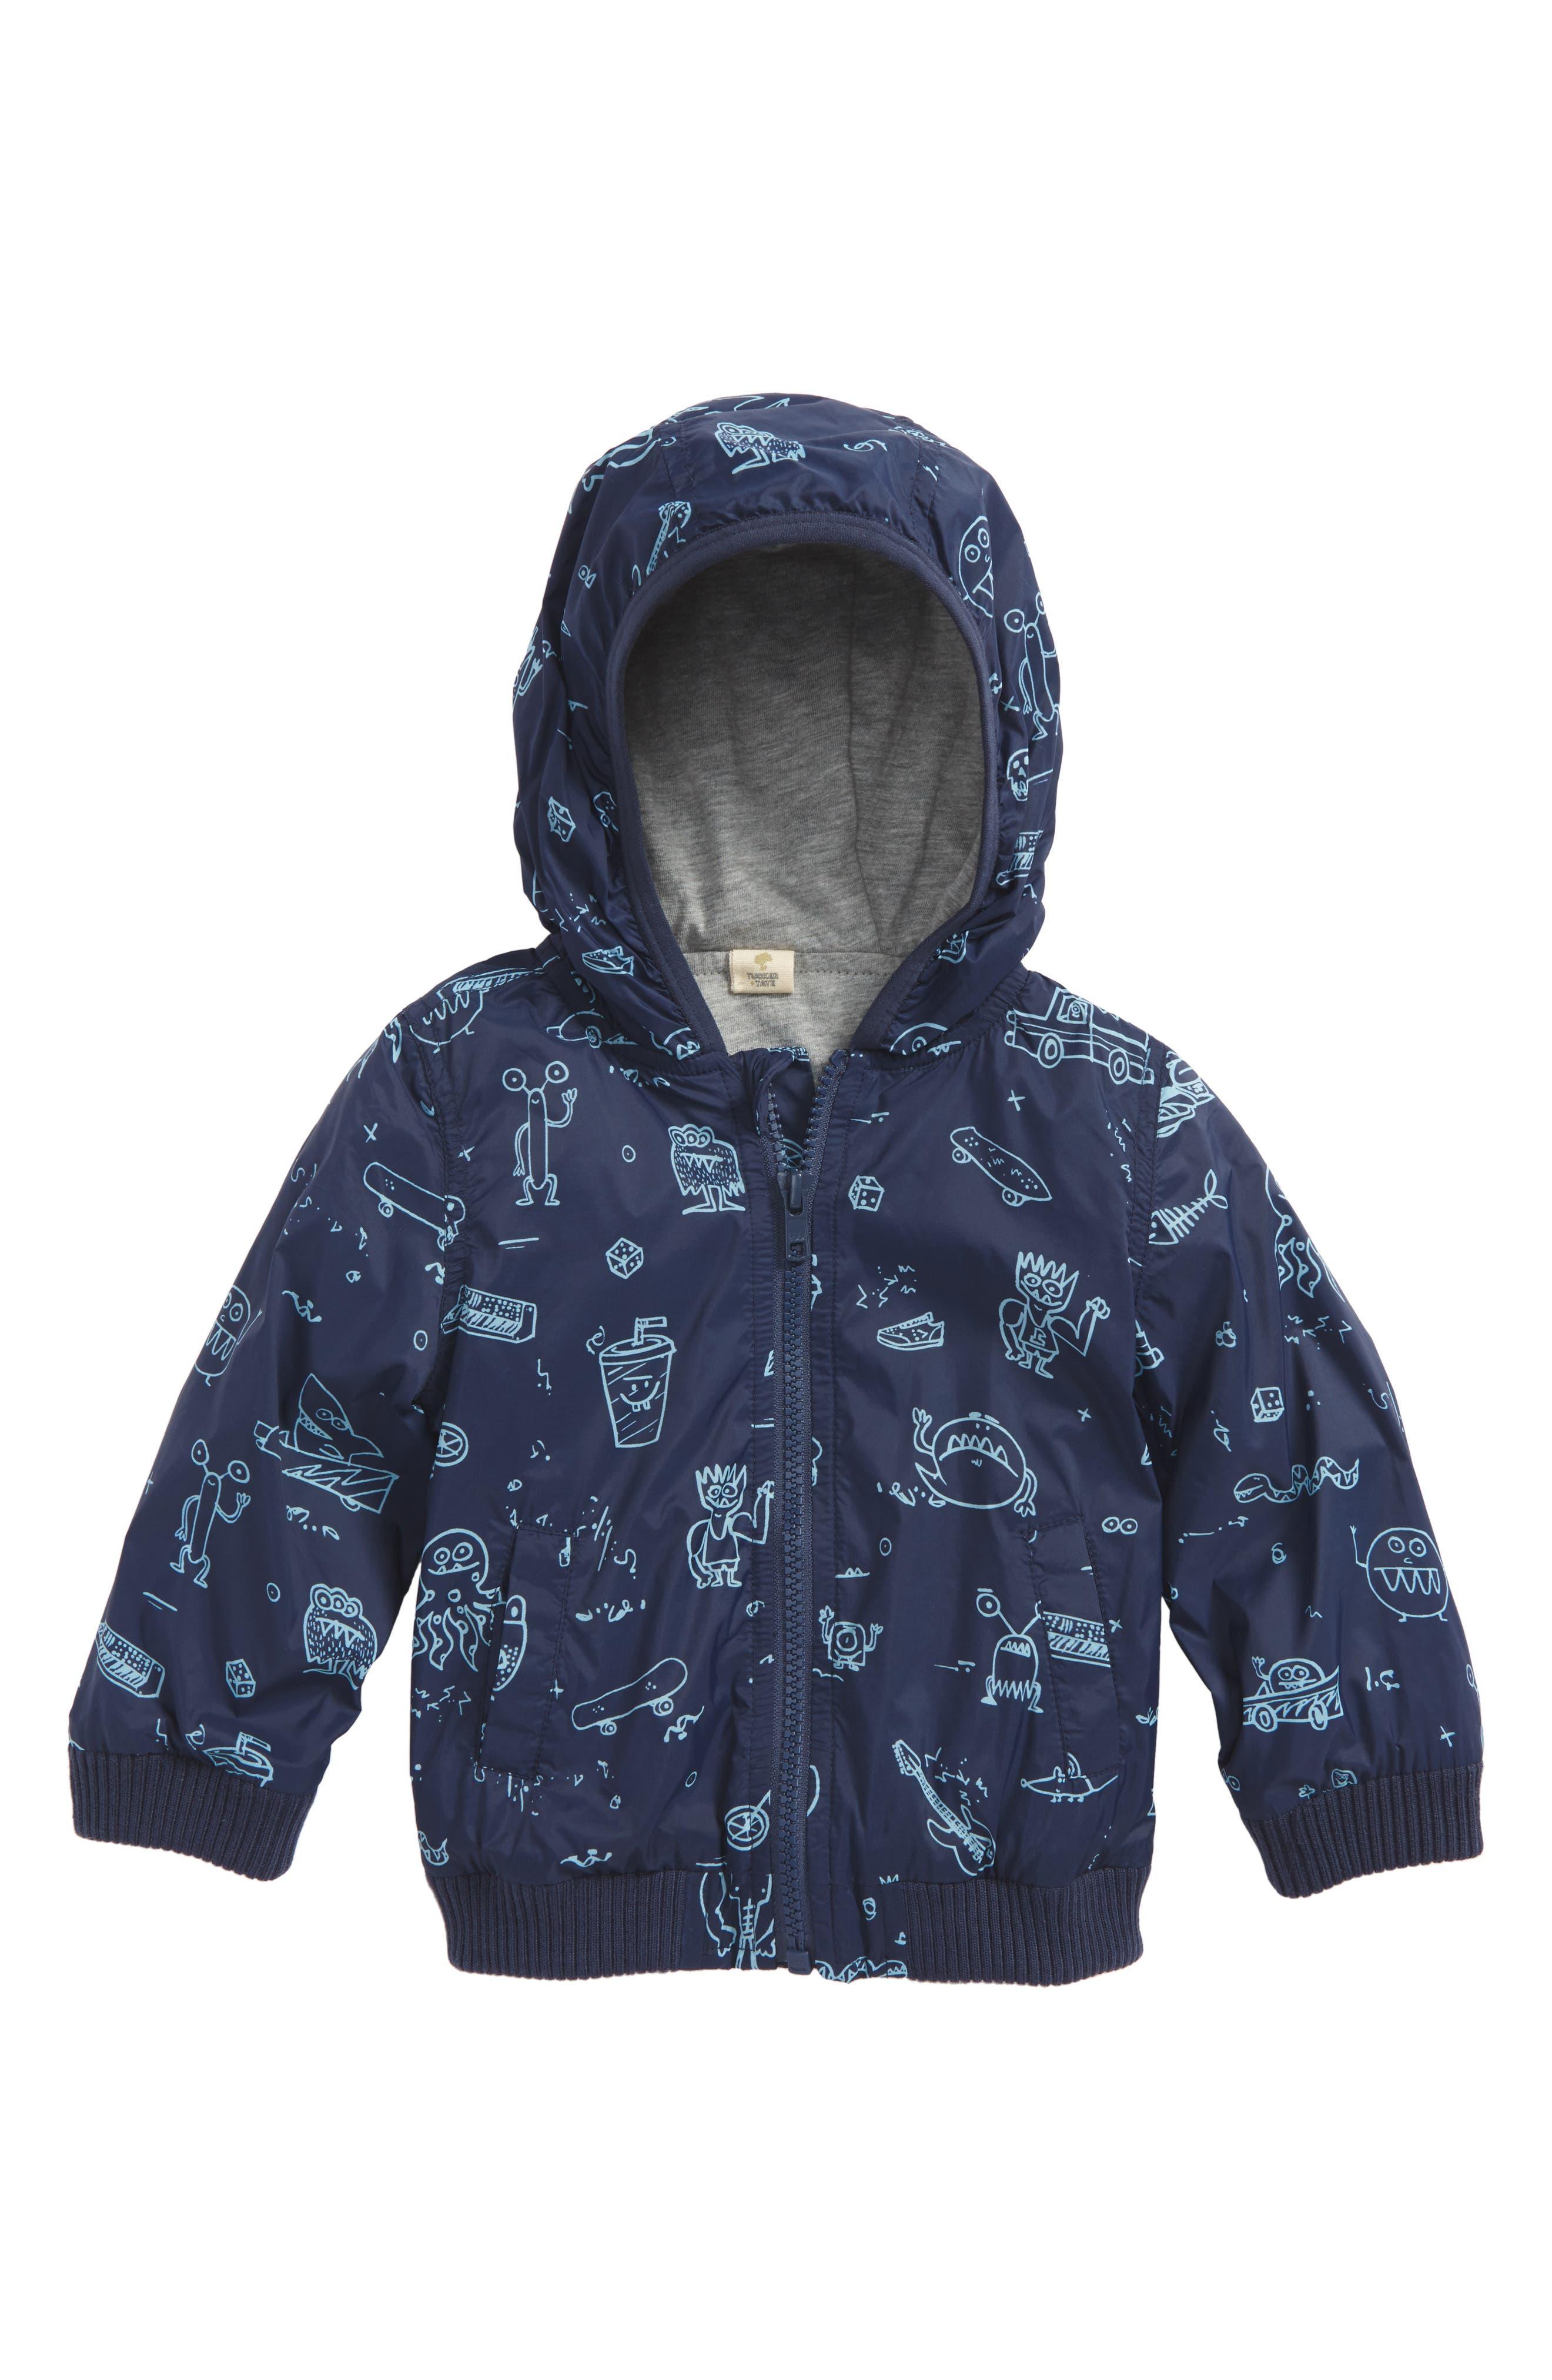 Hooded Jacket,                         Main,                         color, Navy Denim Doodle